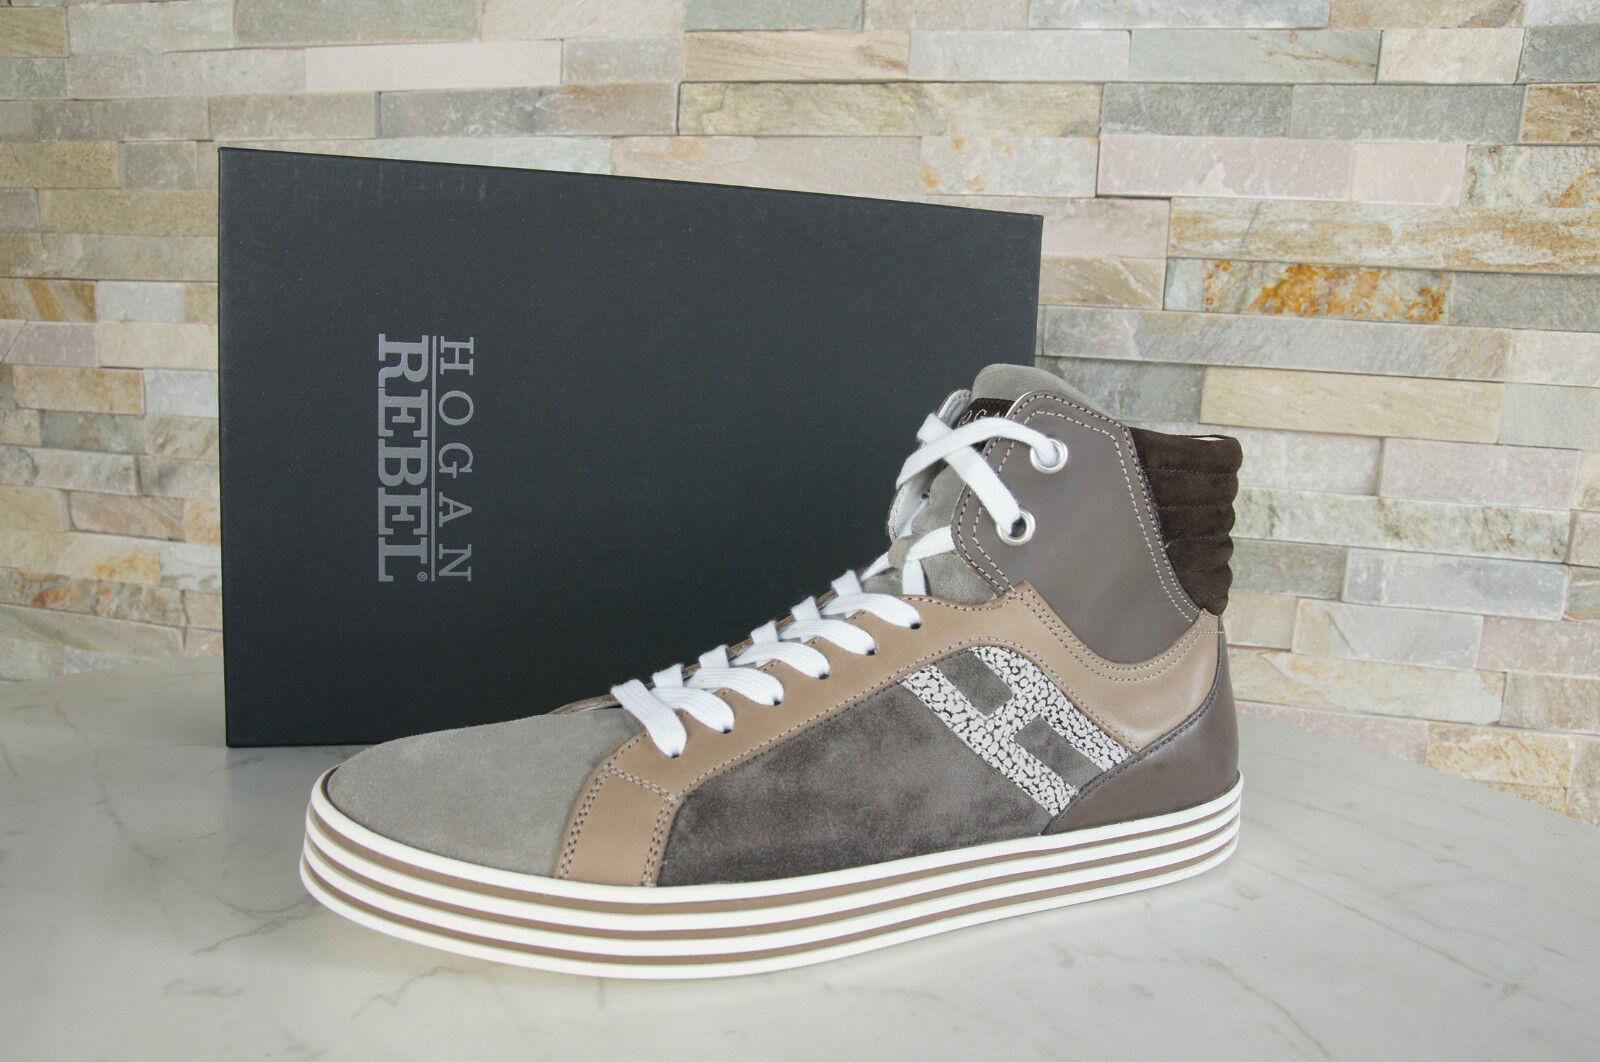 Hogan Rebel 44 10 High-Top zapatillas schnürzapatos nuevo zapatos multi ex PVP